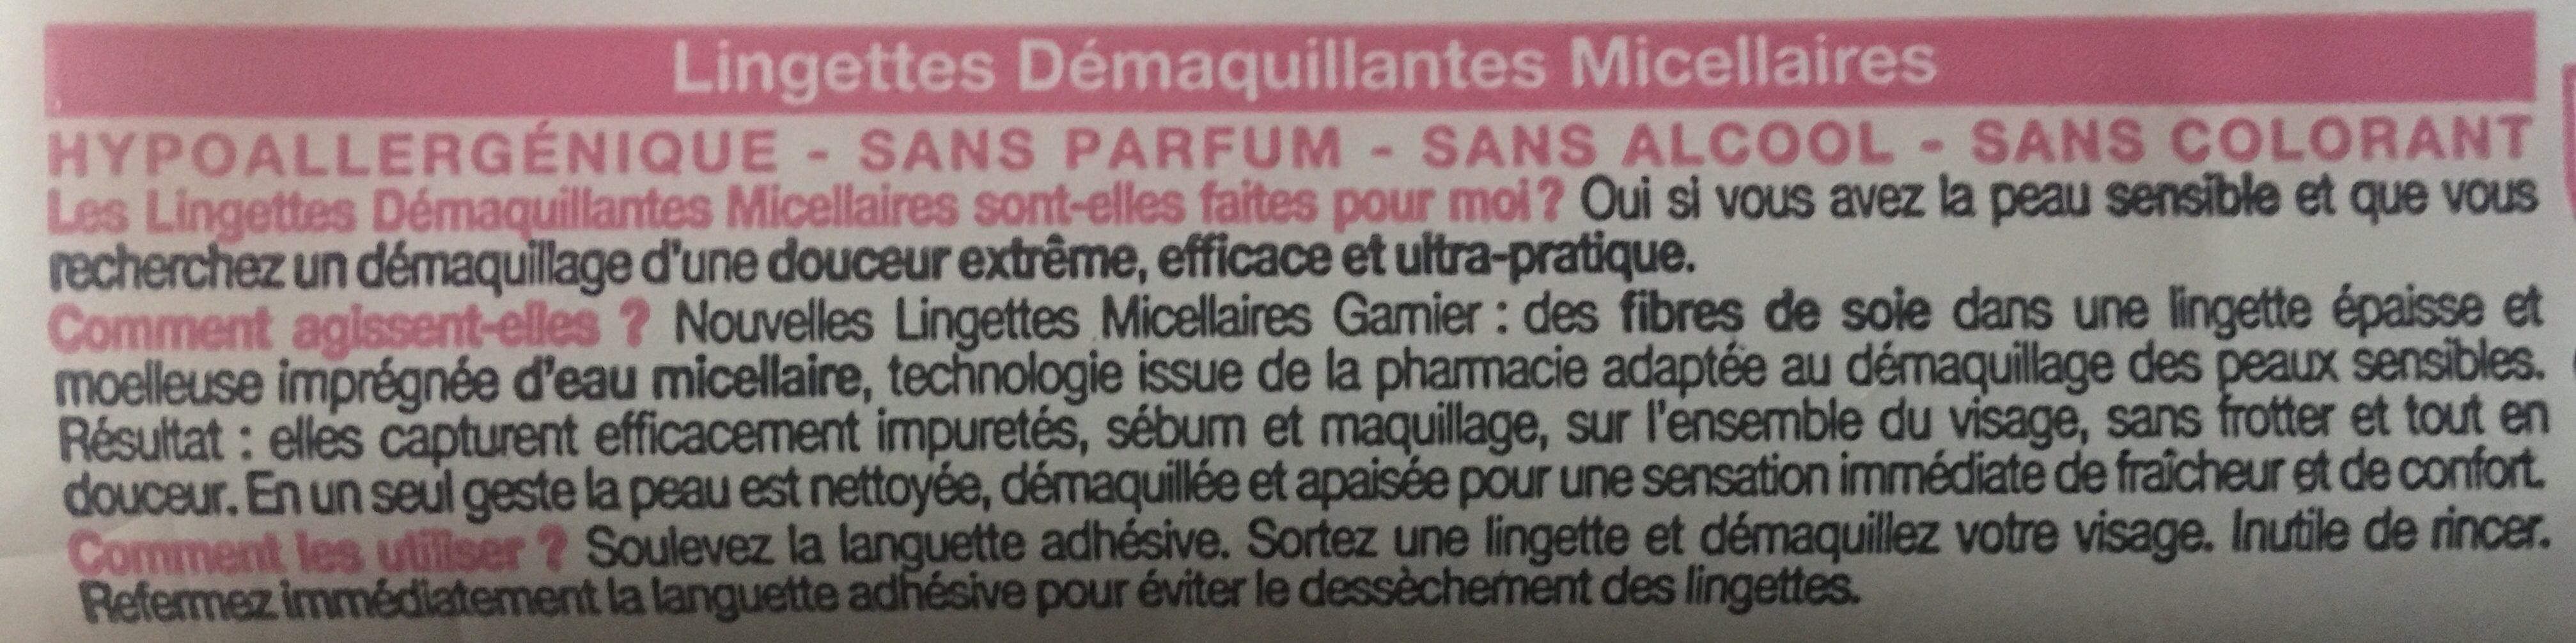 Lingettes démaquillantes micellaires, peaux sensibles. - Ingredients - fr